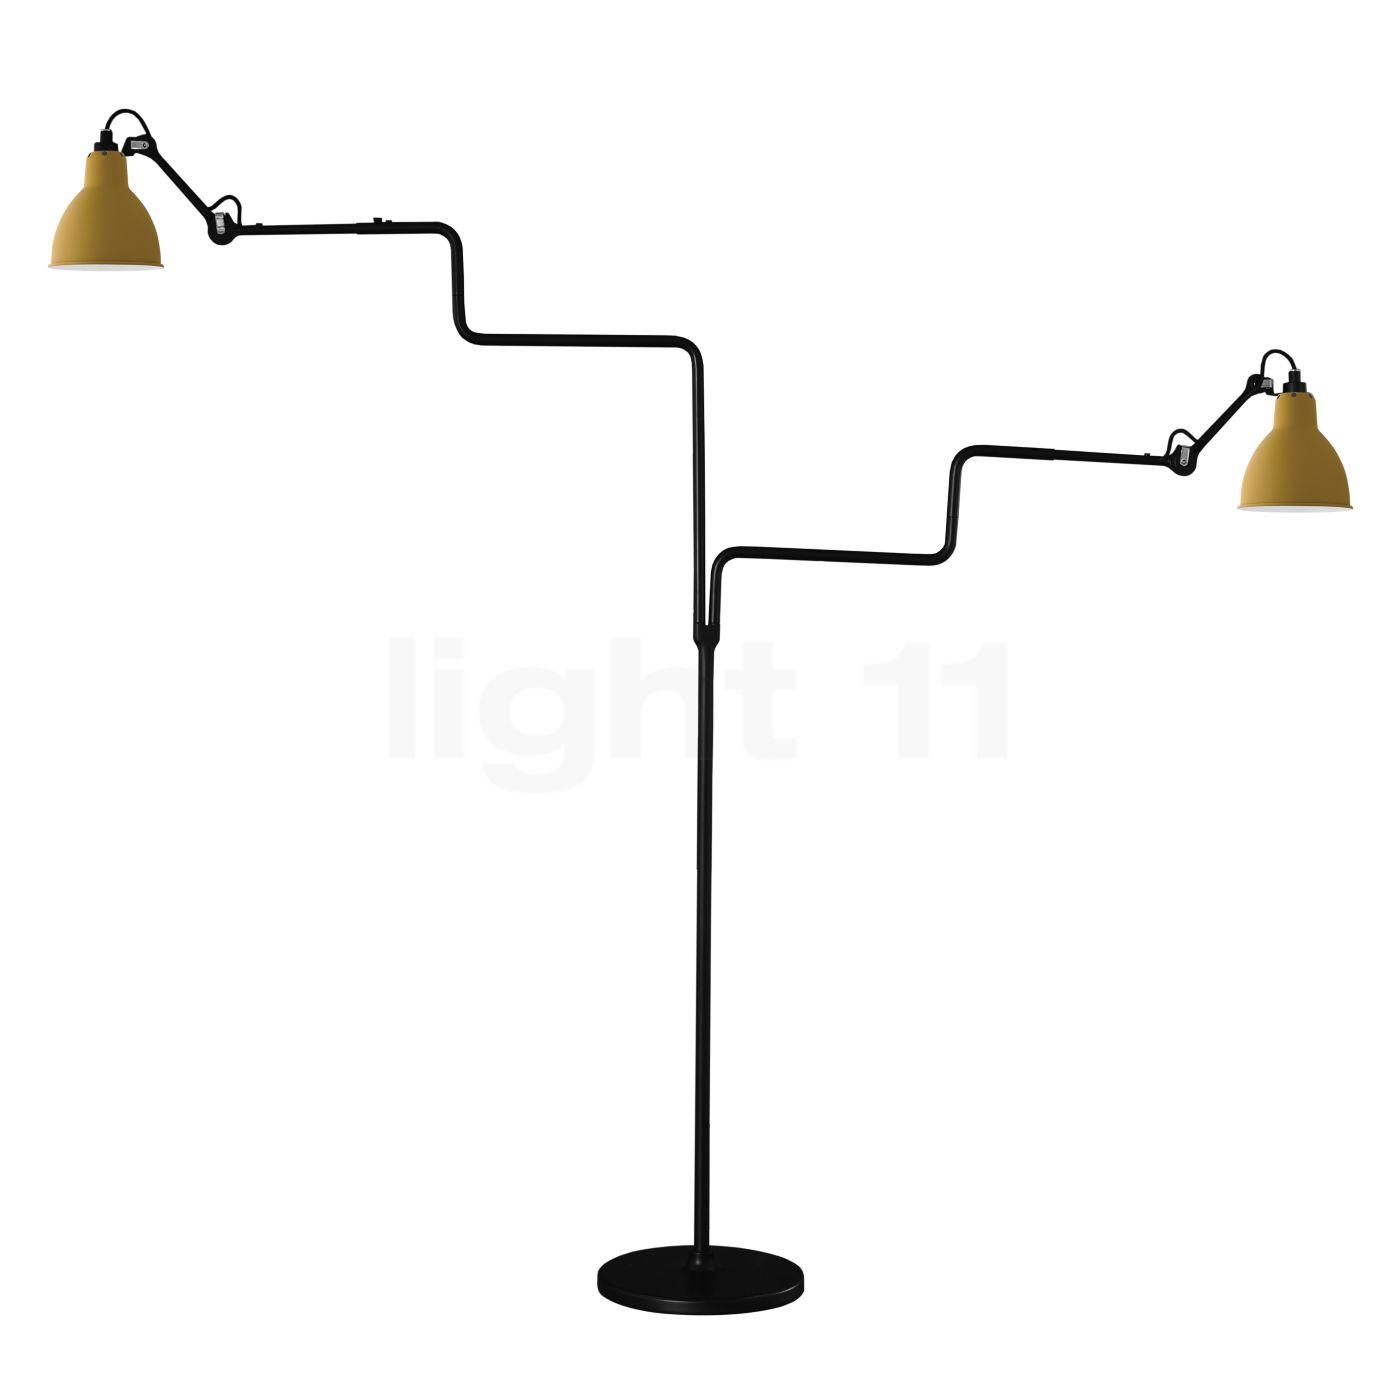 Stehlampe clipart  DCW Lampe Gras No 411 Double Stehleuchte Schreibtischleuchte